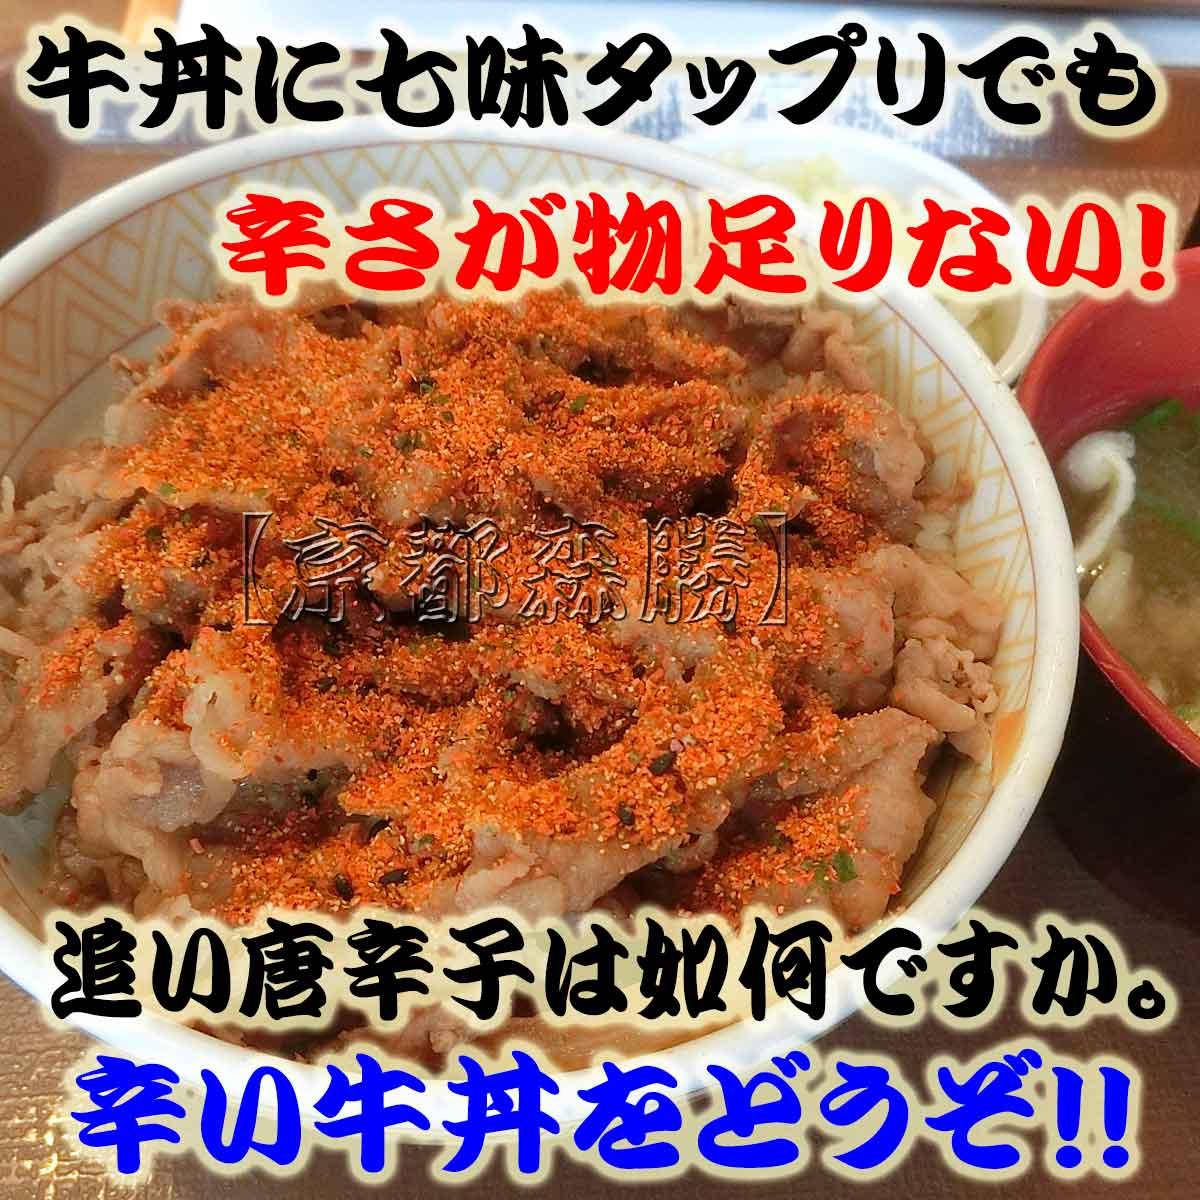 【京七味】20g袋入  ☆山椒(国産和歌山県)の香り京風味[京都]ご注文後にすり鉢で一つずつお好みに合わせて丁寧にお作りしています。京都産直便(ポイント):京都森勝